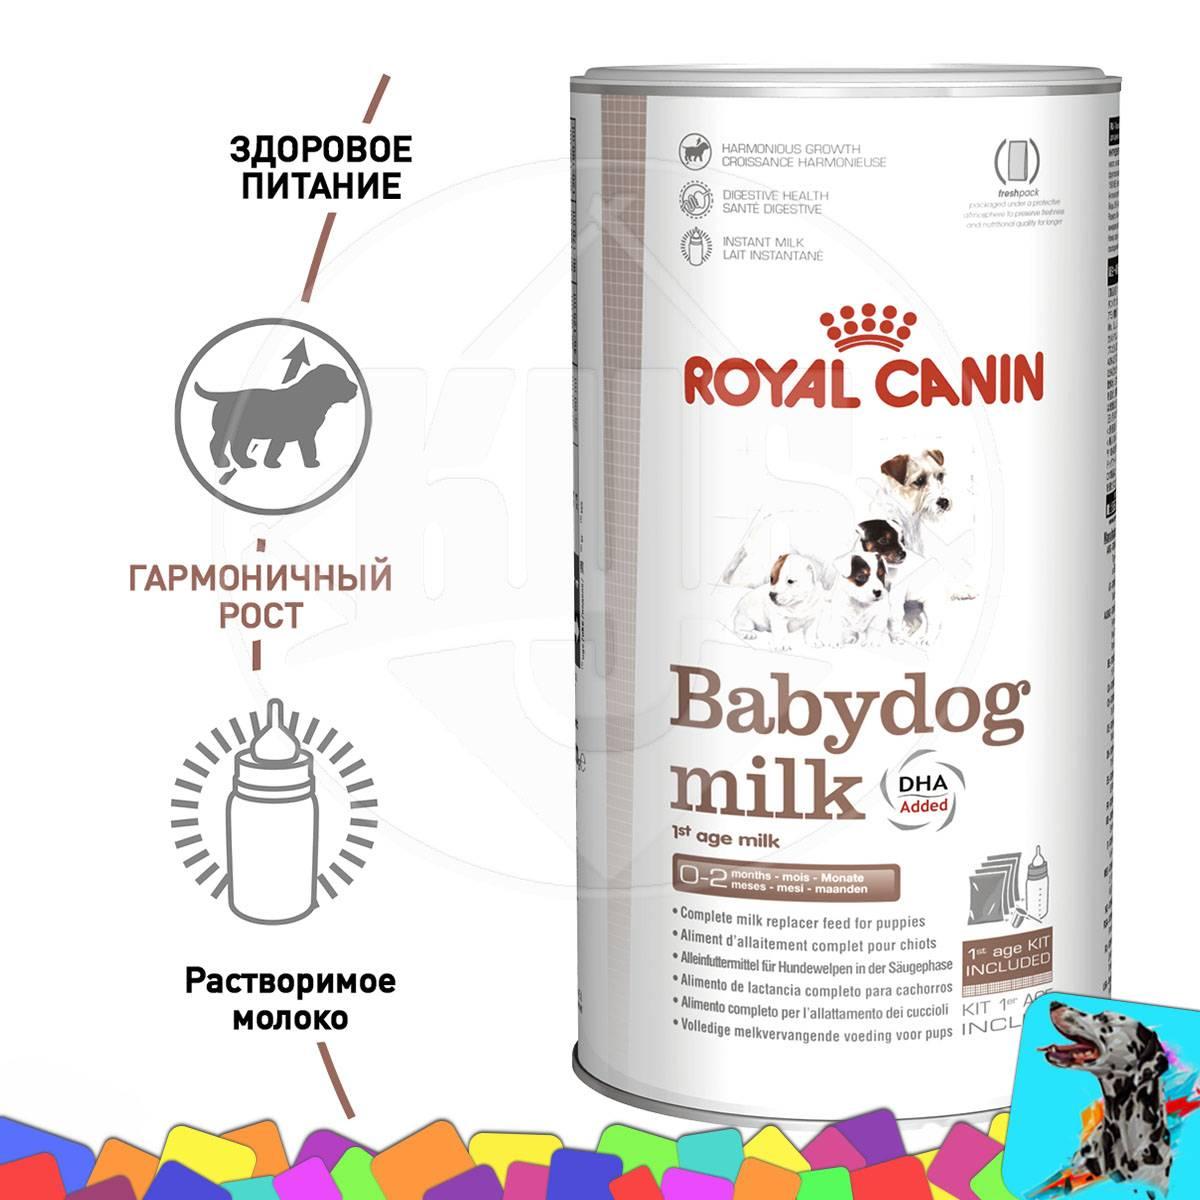 Замена кошачьего молока: особенности альтернативного кормления